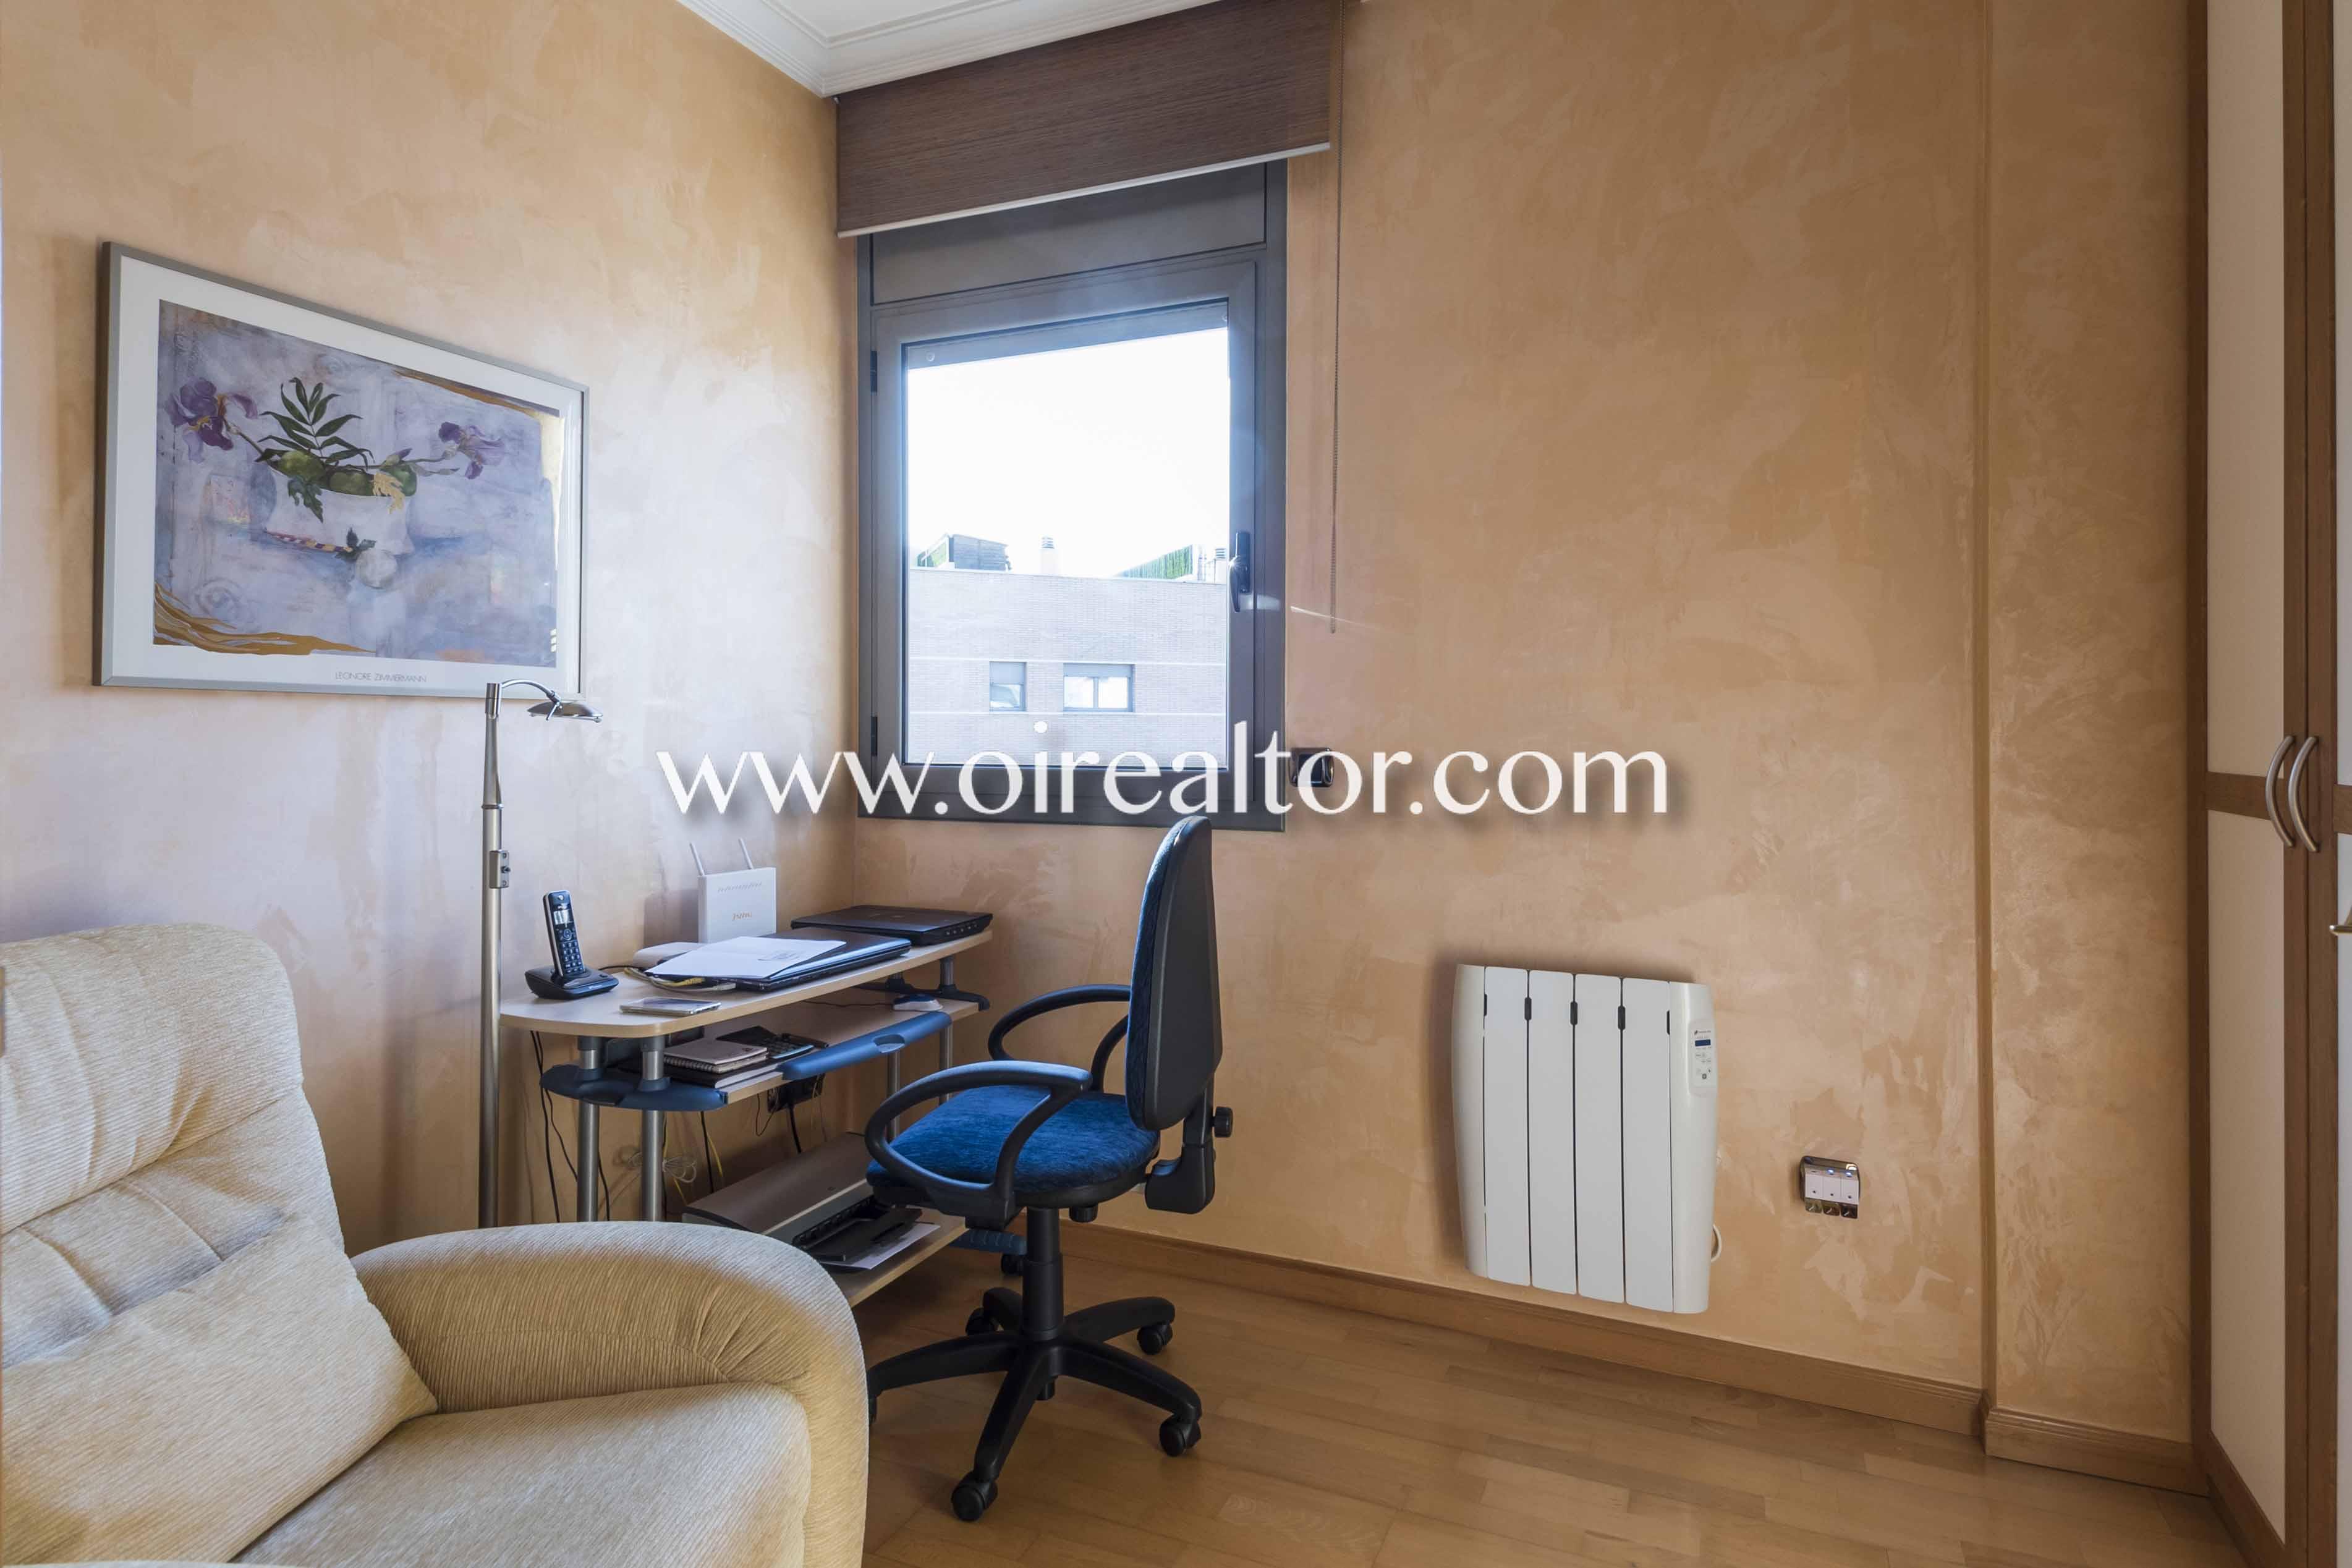 despacho, oficina, escritorio, habitación simple, habitación individual